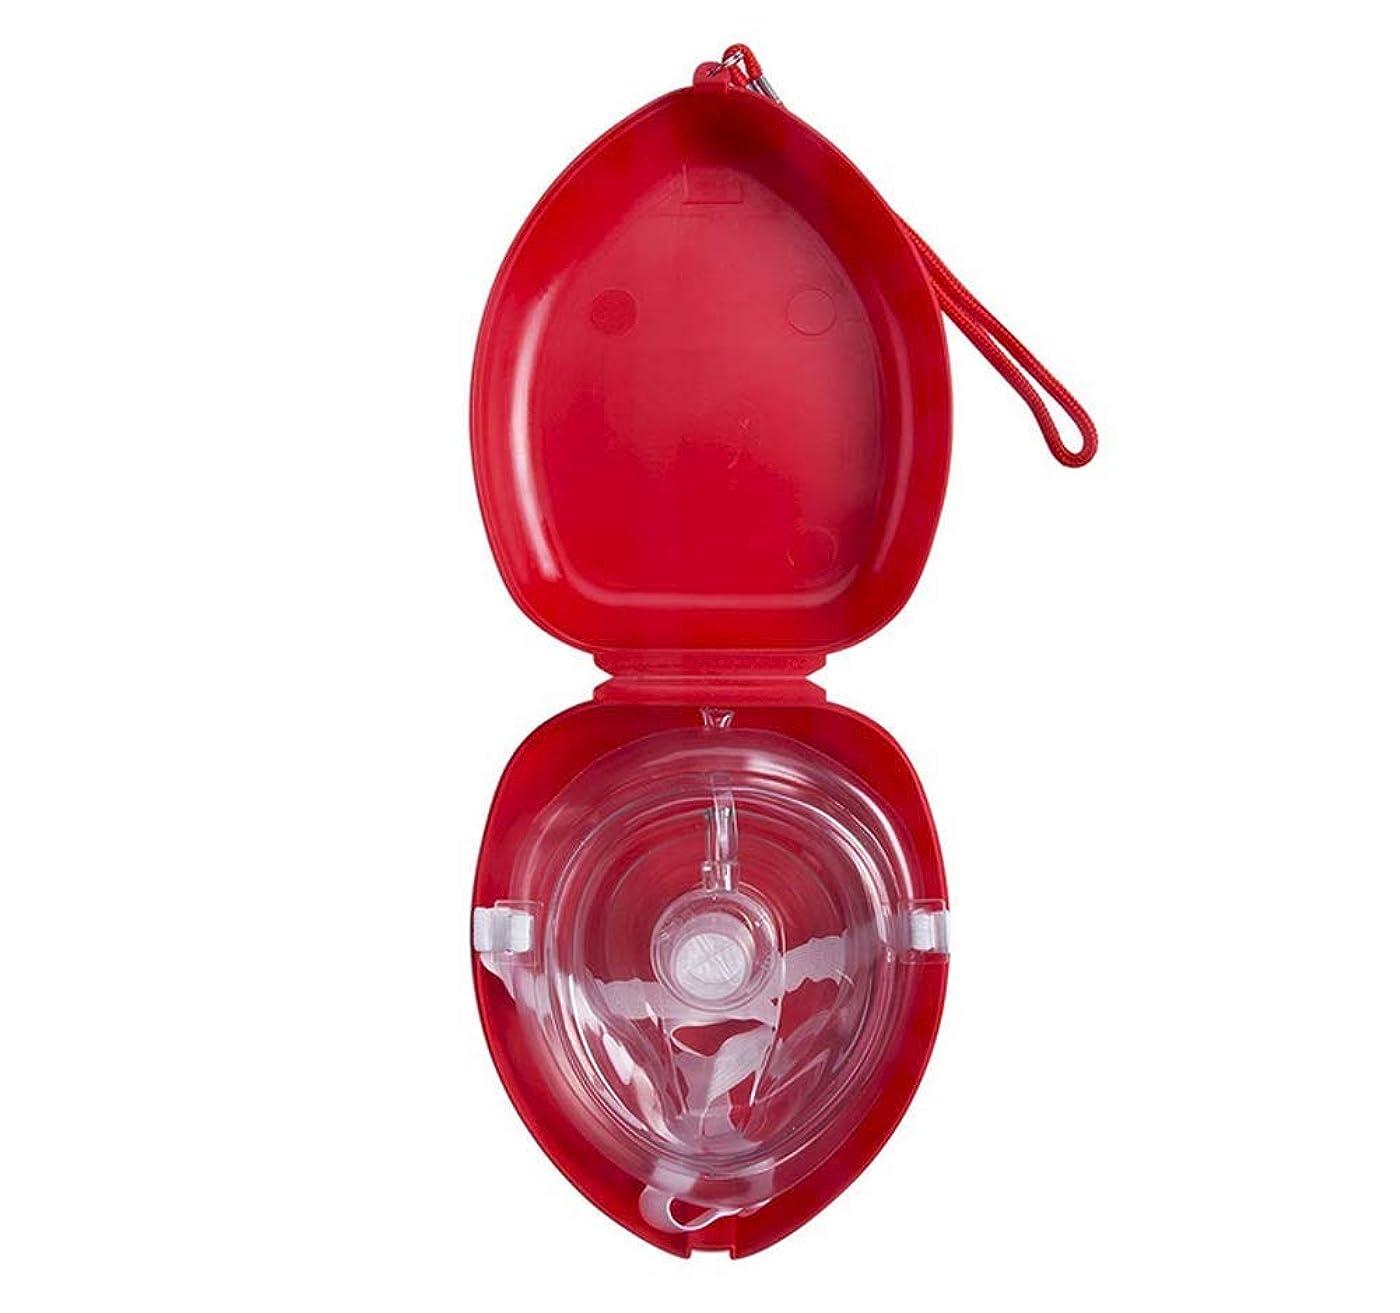 広げる彼自身予定応急処置 回復 CPRマスク 顔面鼻バリア 携帯用感染防止マスク 家族旅行、アウトドア、旅行 (ワンサイズ)